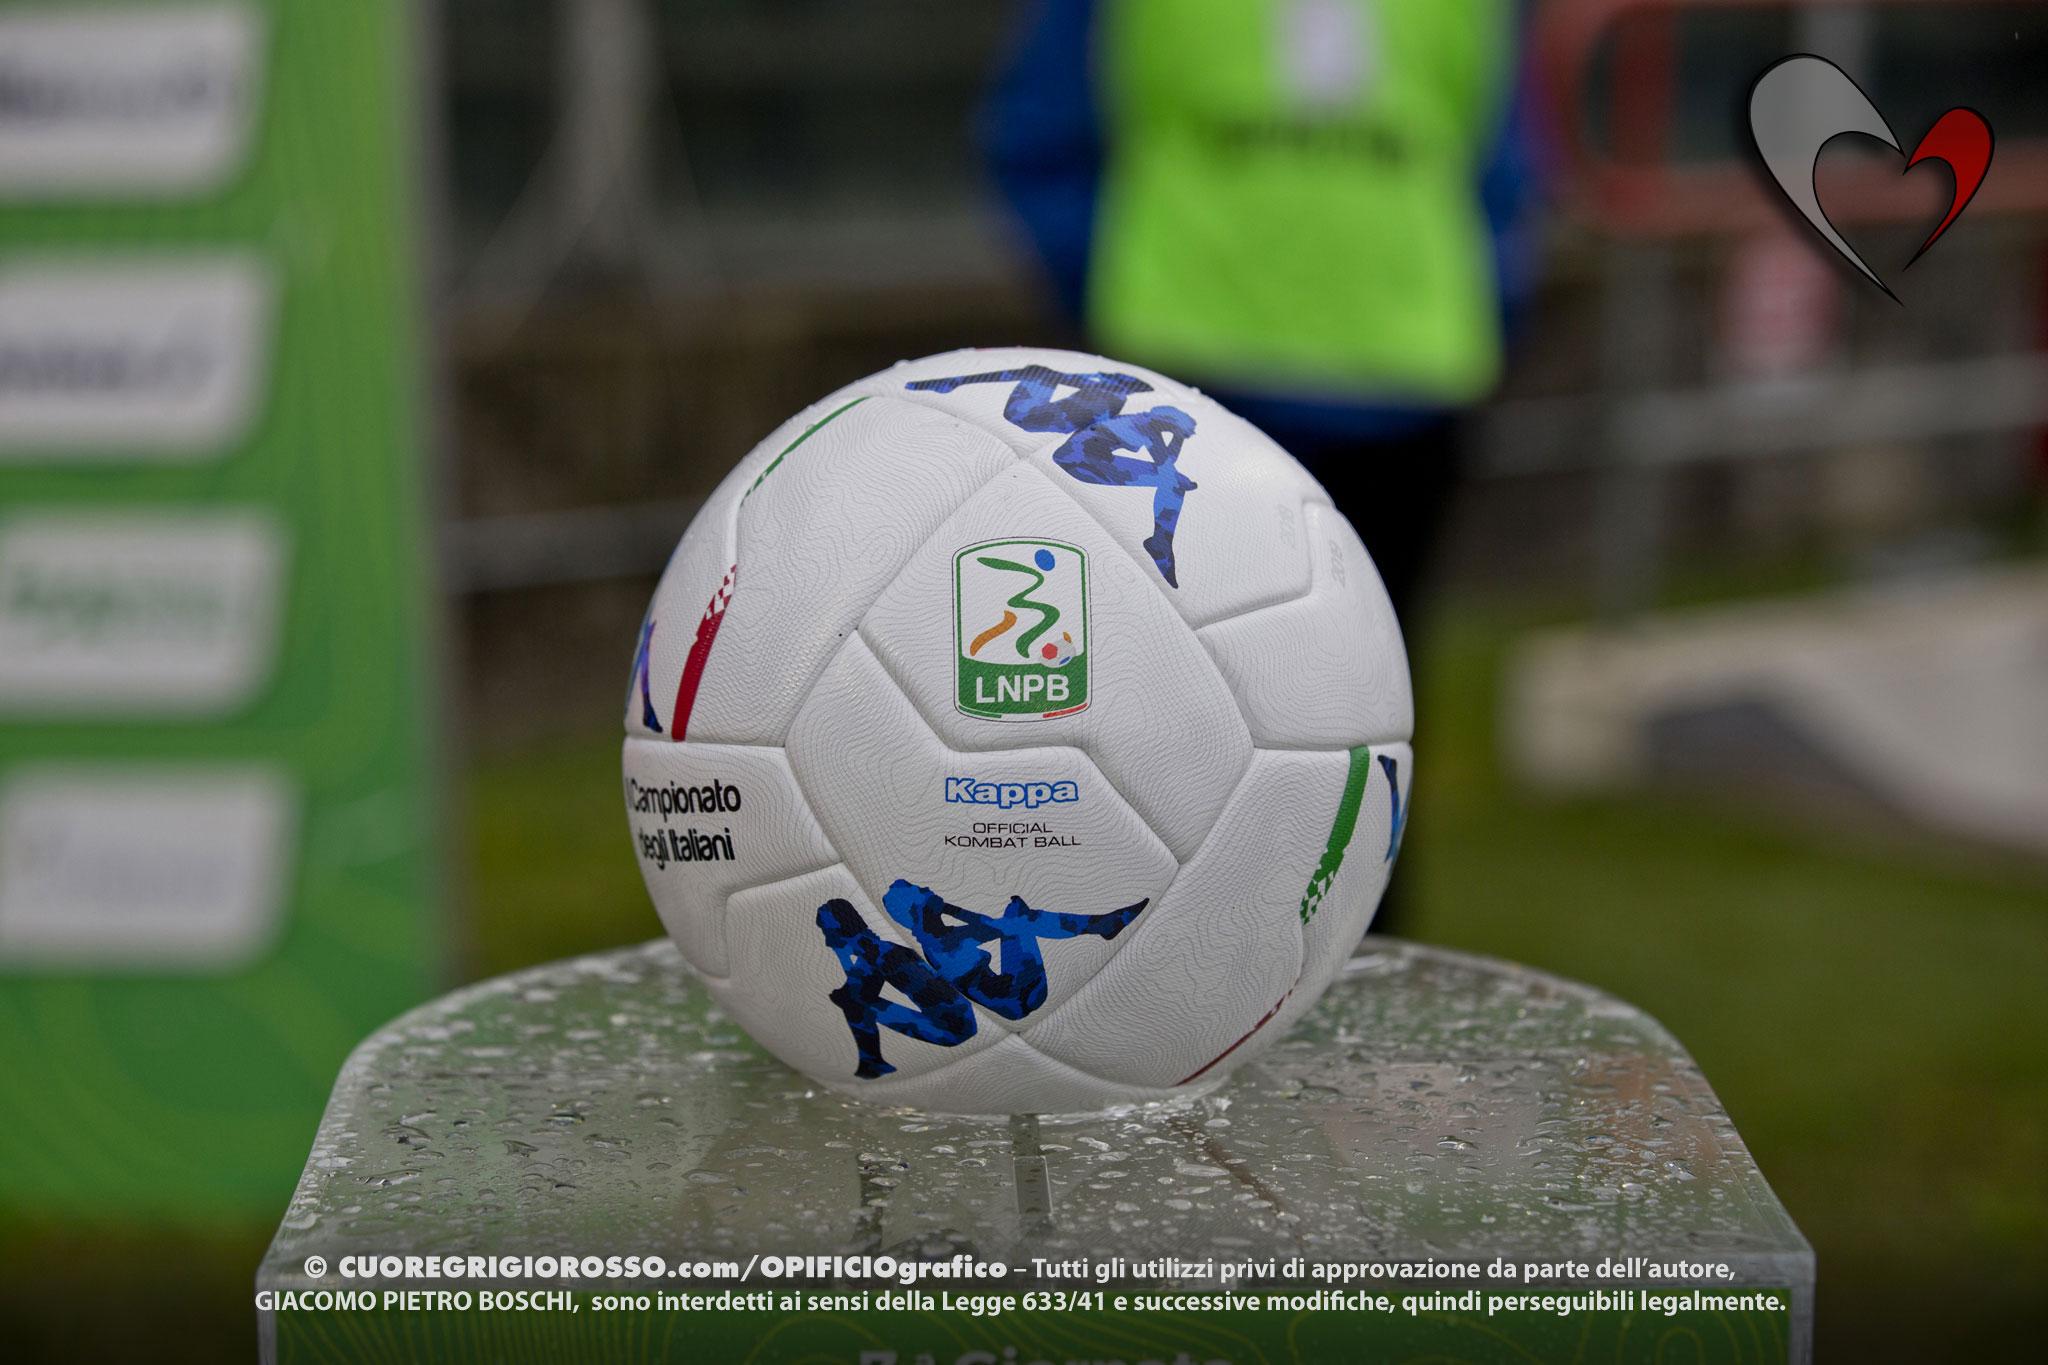 Serie B, oggi l'udienza per Cosenza-Verona